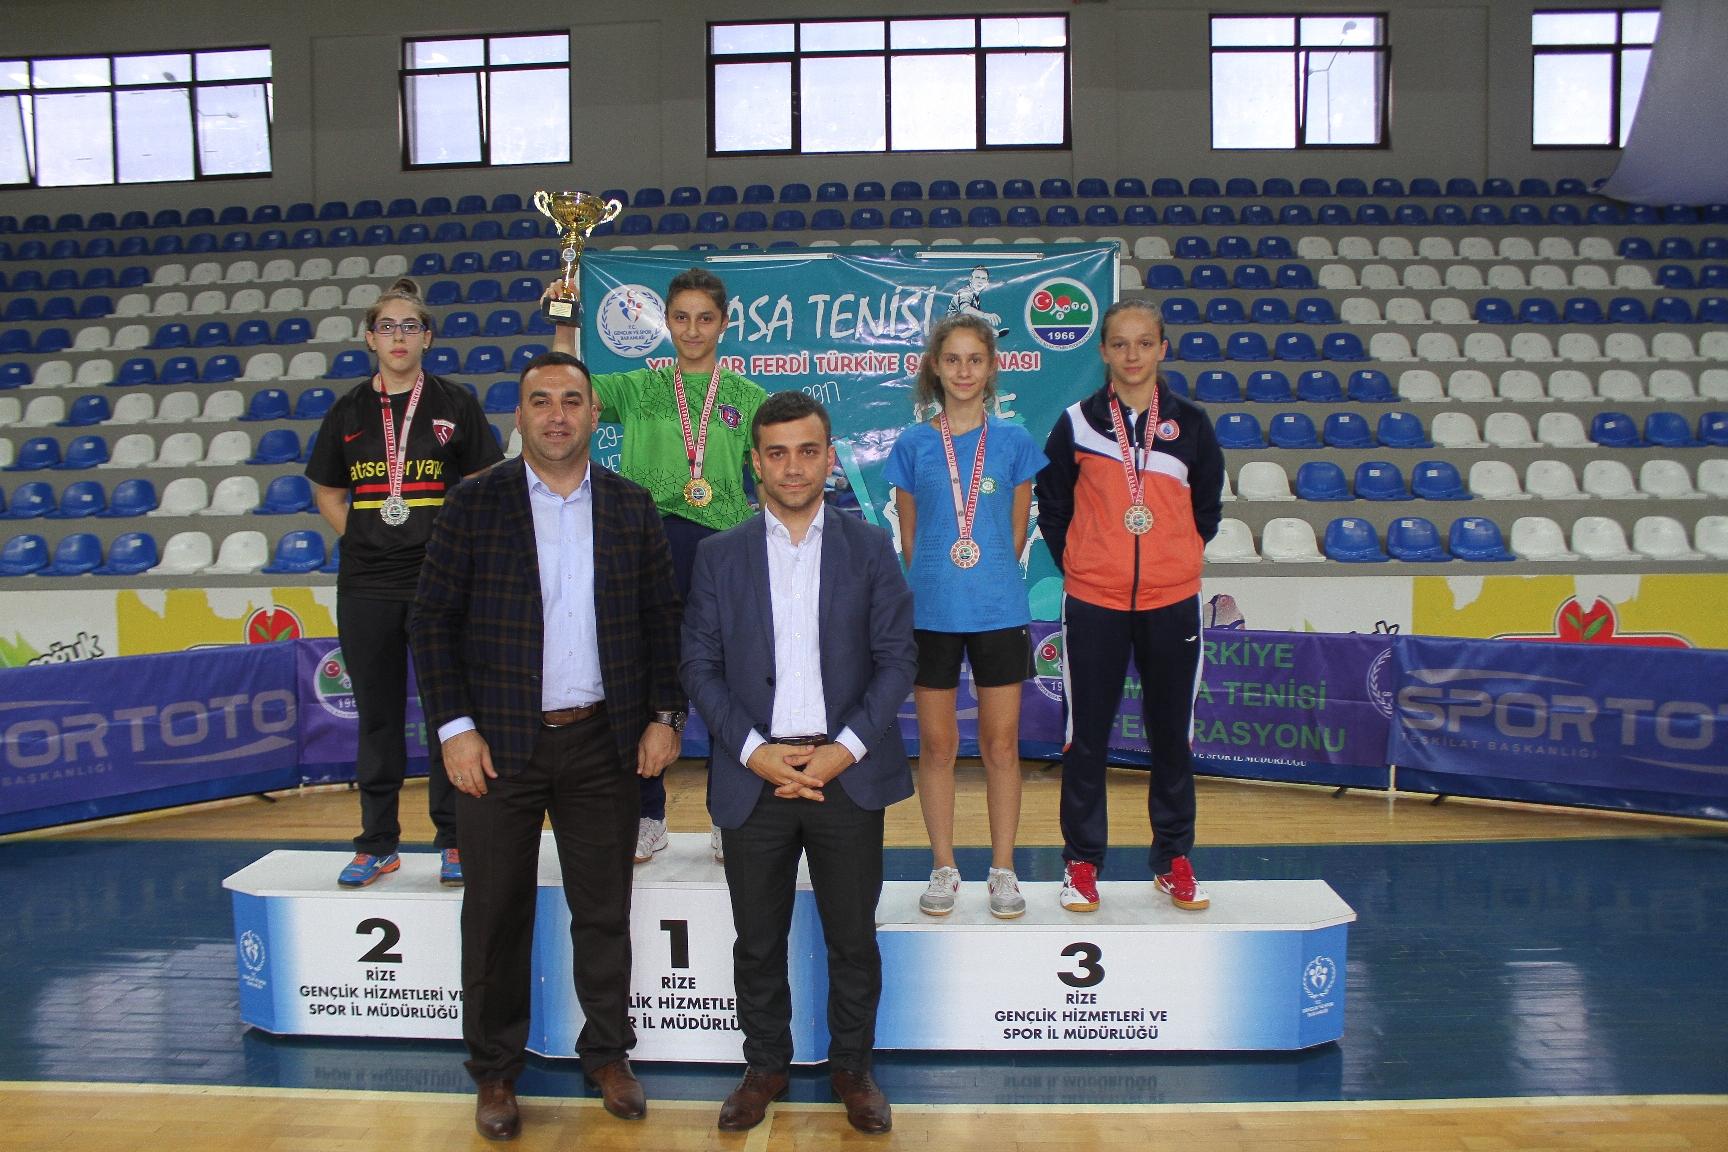 Yıldızlar Türkiye Şampiyonası Rize'de yapıldı